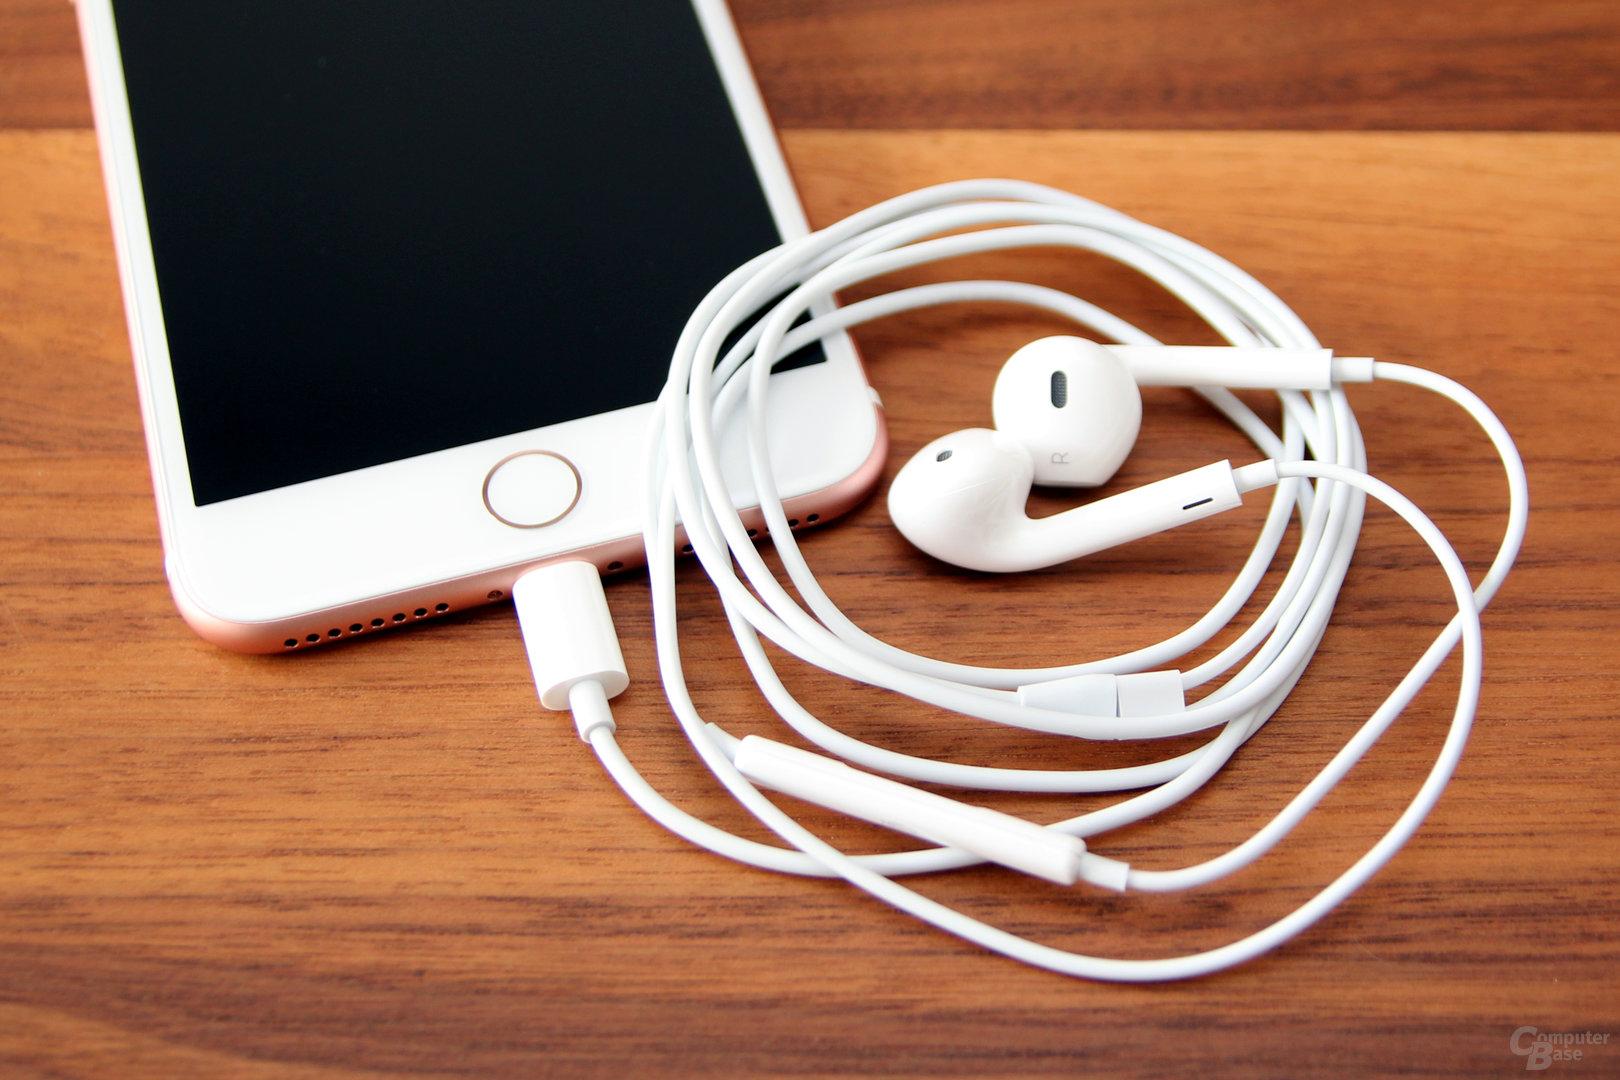 Apple iPhone 7: Kein Klinkenanschluss mehr